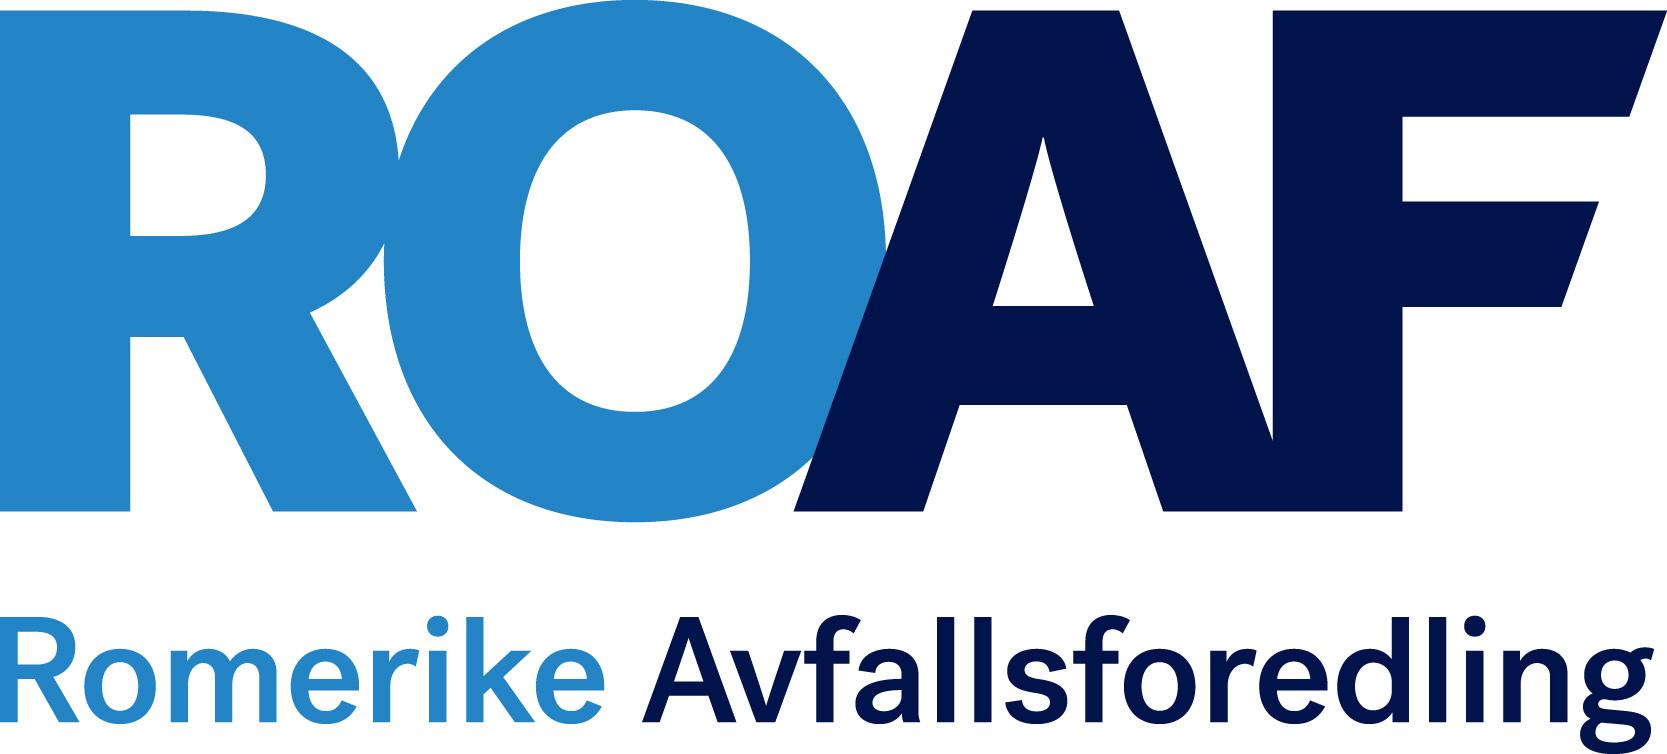 ROAF's logo.